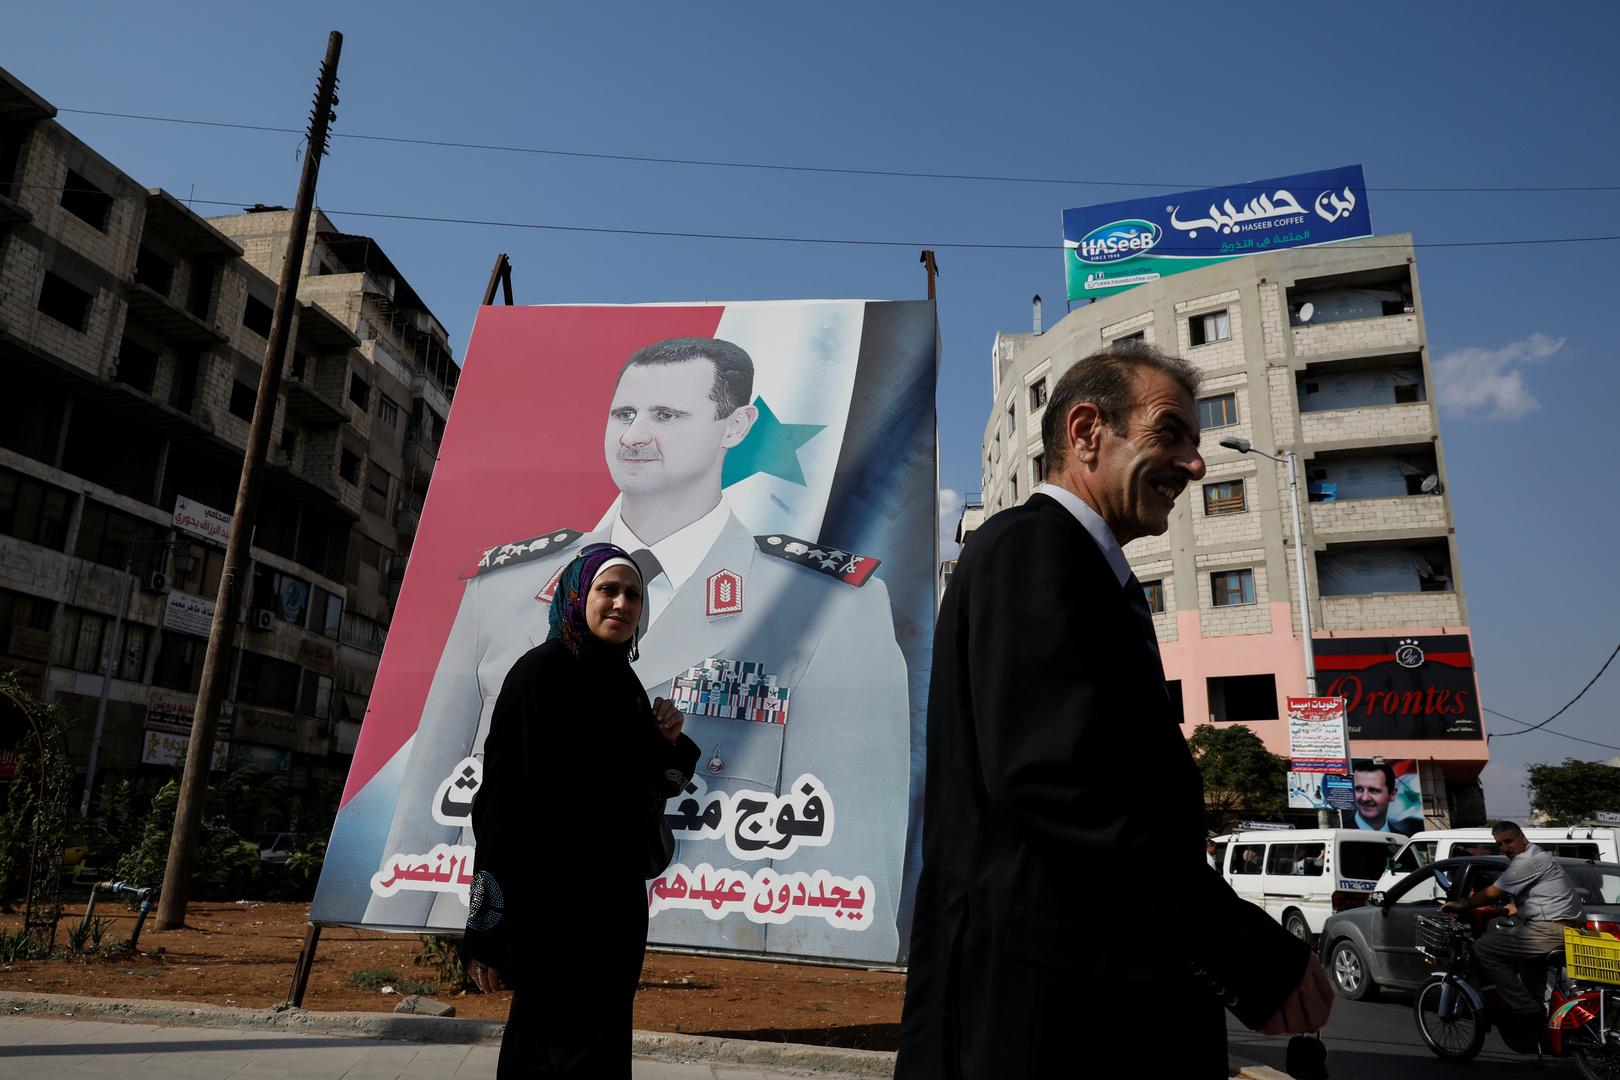 وفاة خال الرئيس السوري محمد مخلوف (أبو رامي) بكورونا في دمشق